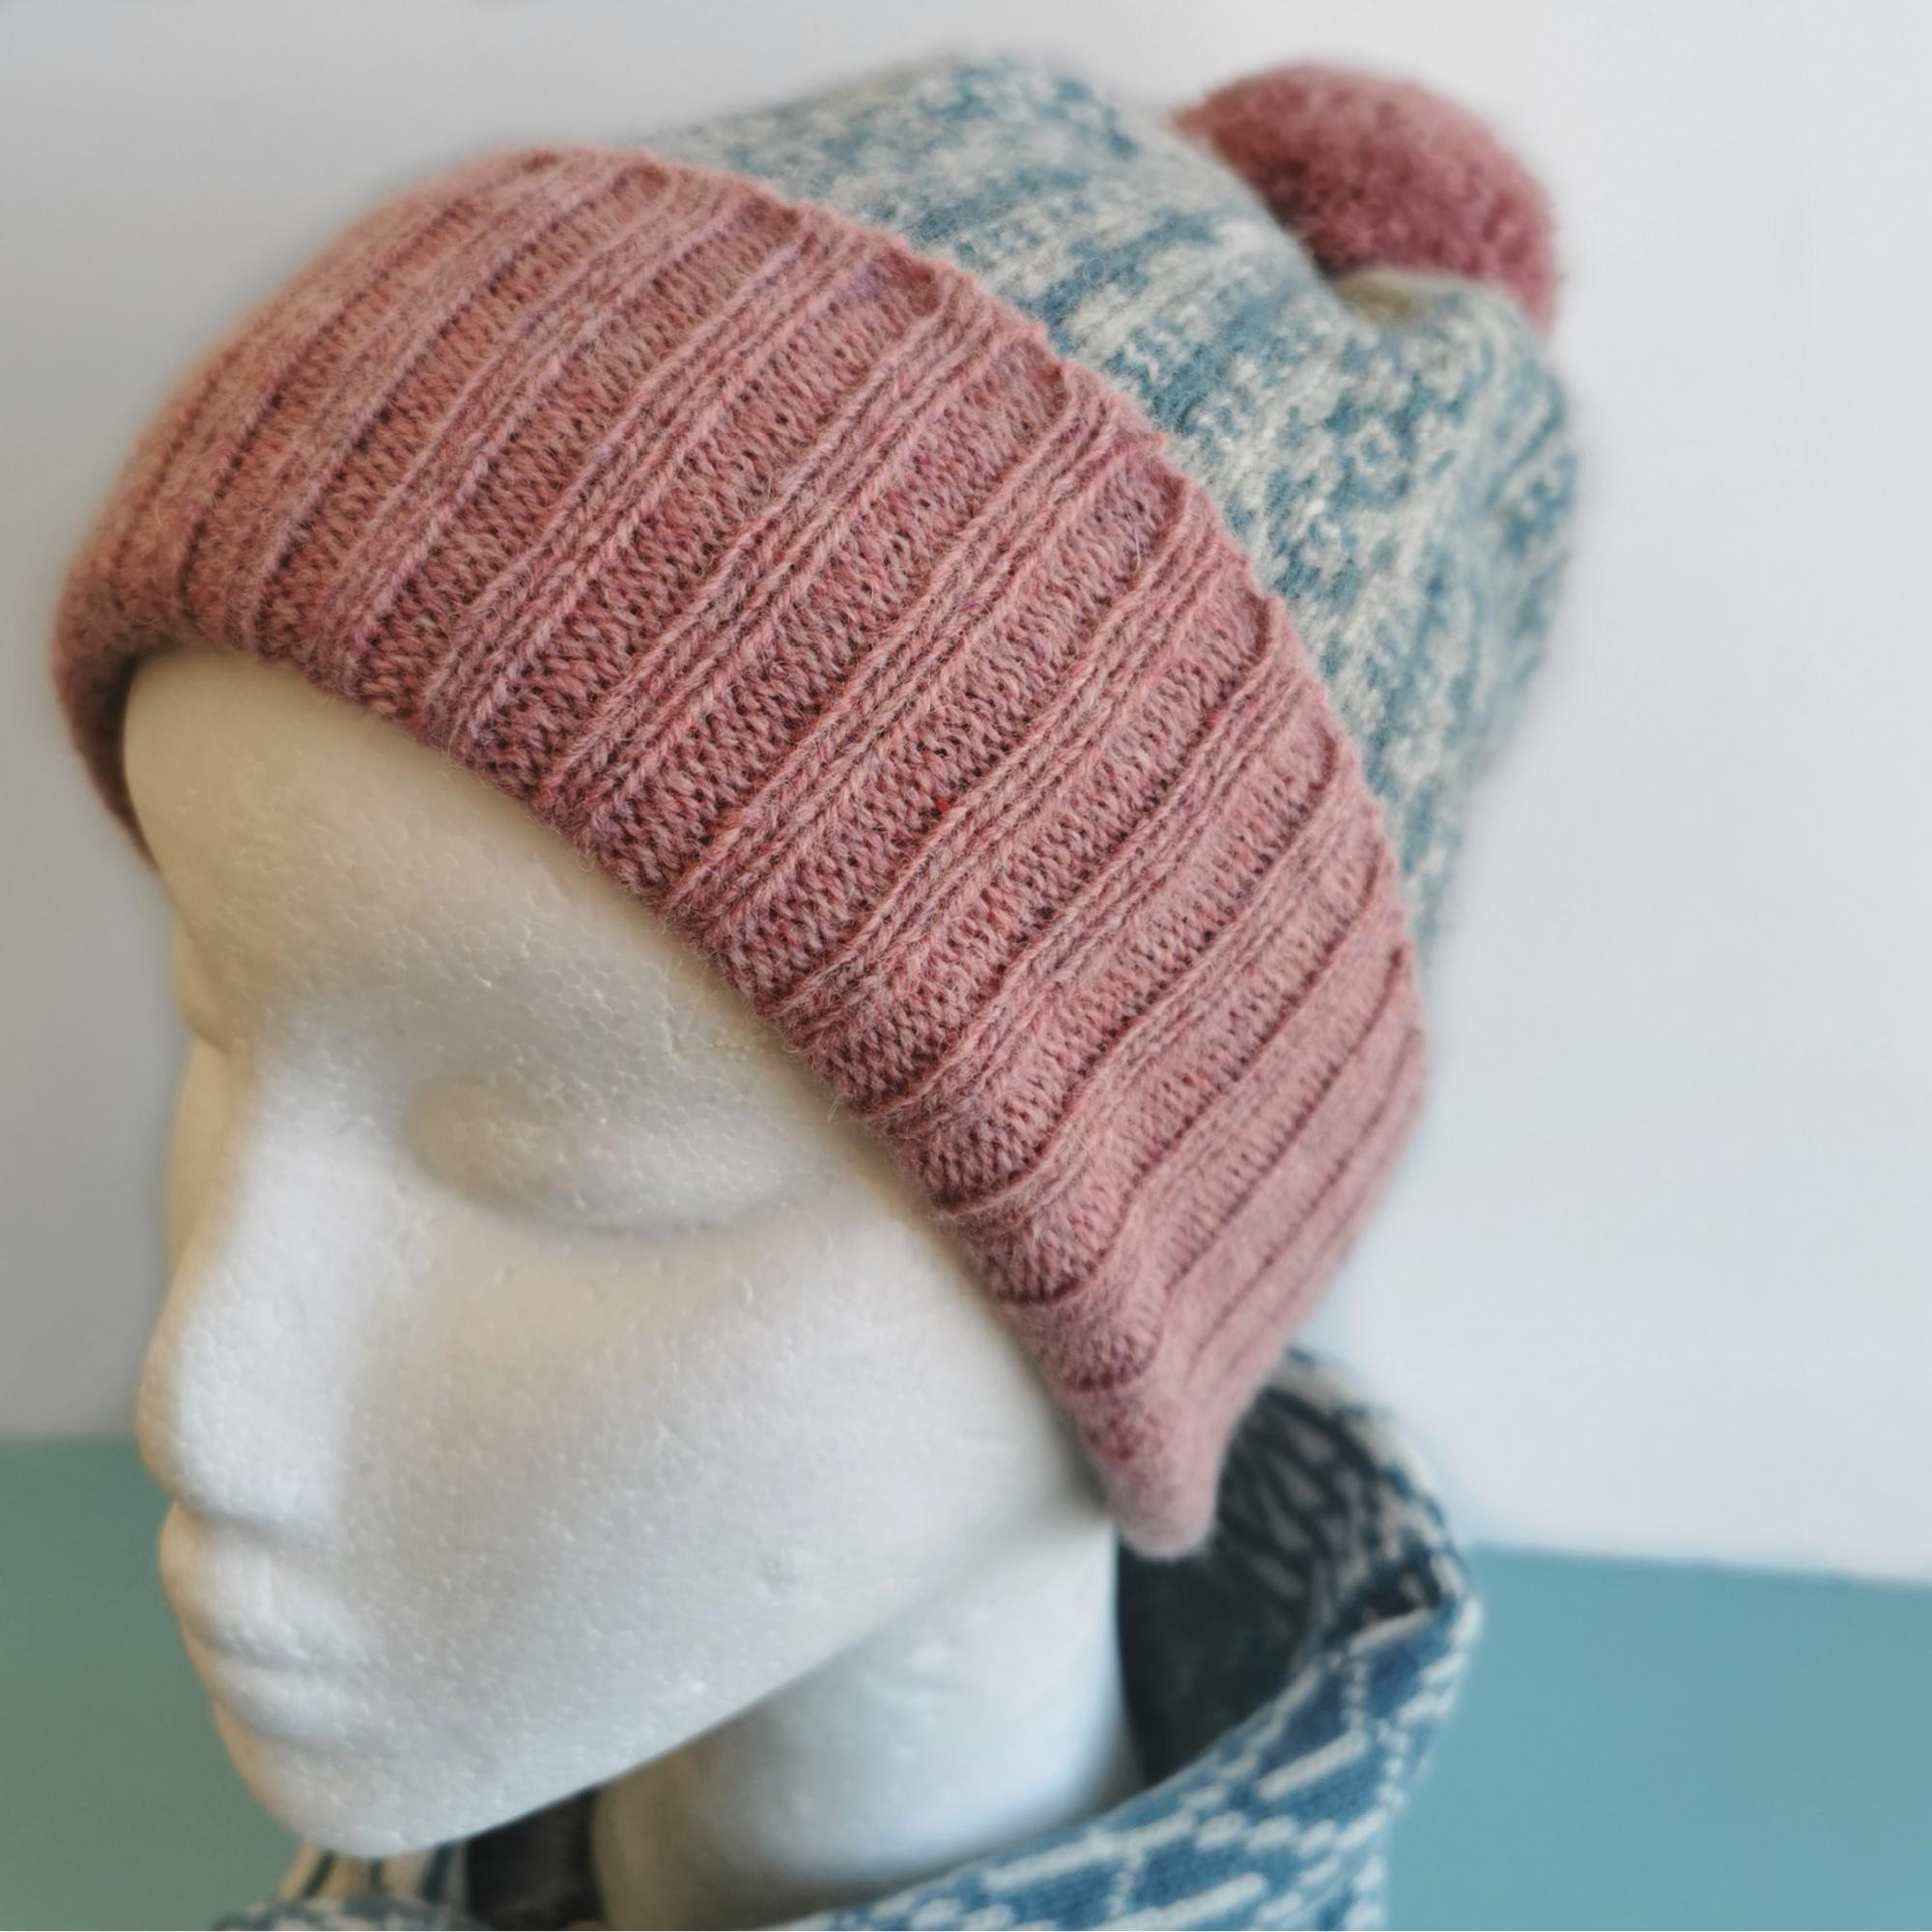 Pom-Pom Pattern Hat by Scarlet Knitwear